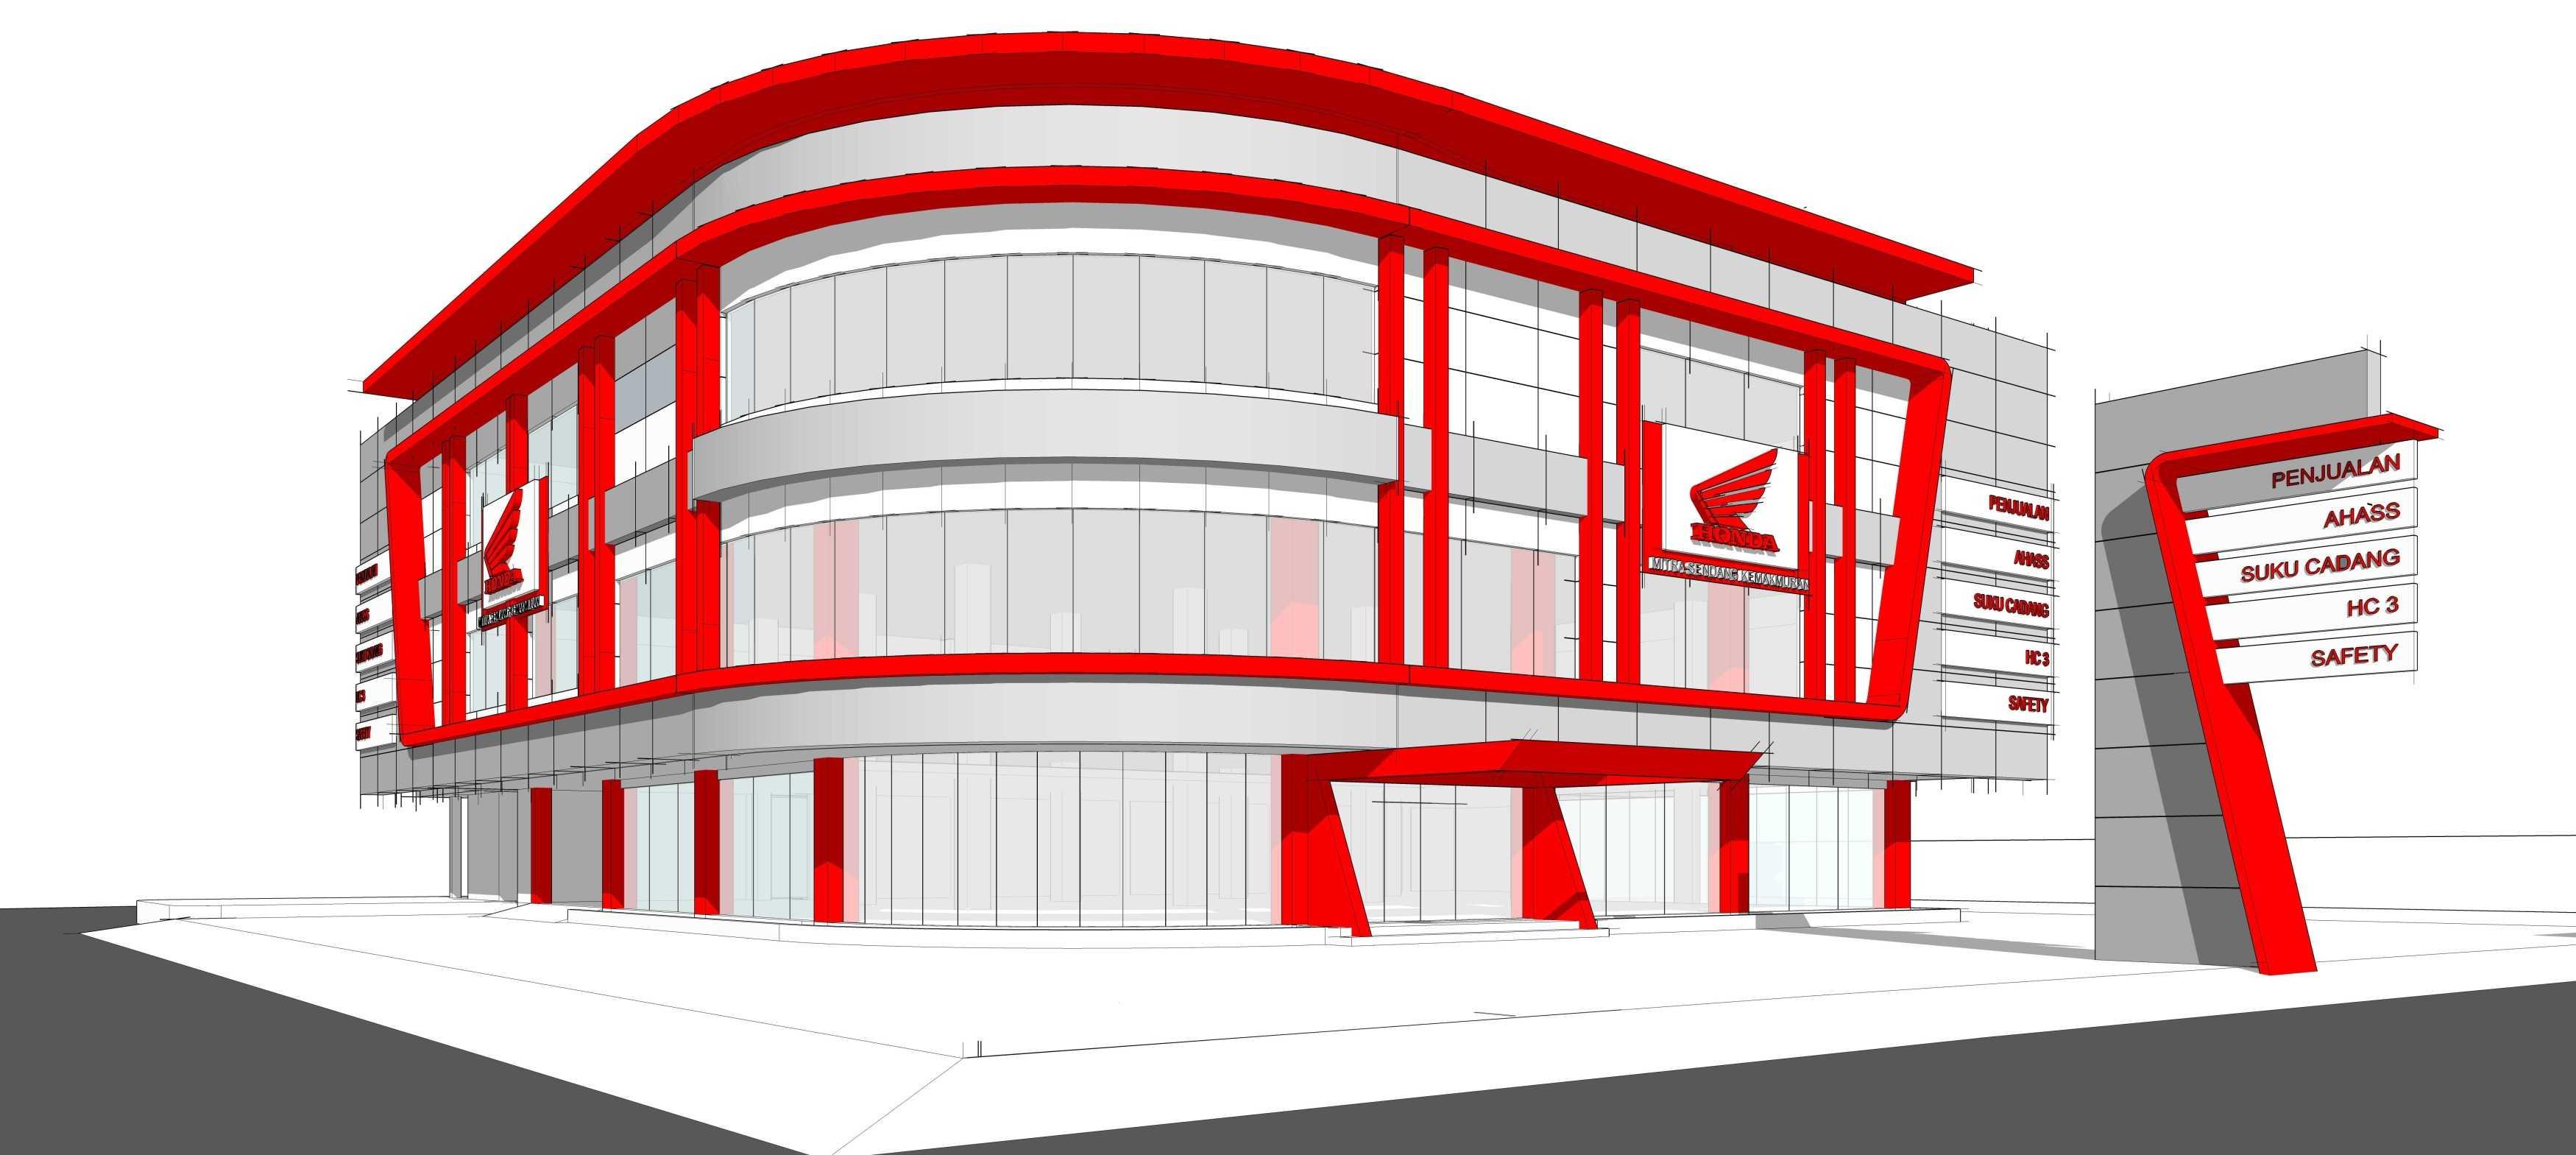 Gubah Ruang Studio Honda Msk Showroom Serang, Banten, Indonesia Serang, Banten, Indonesia Exterior View   50848